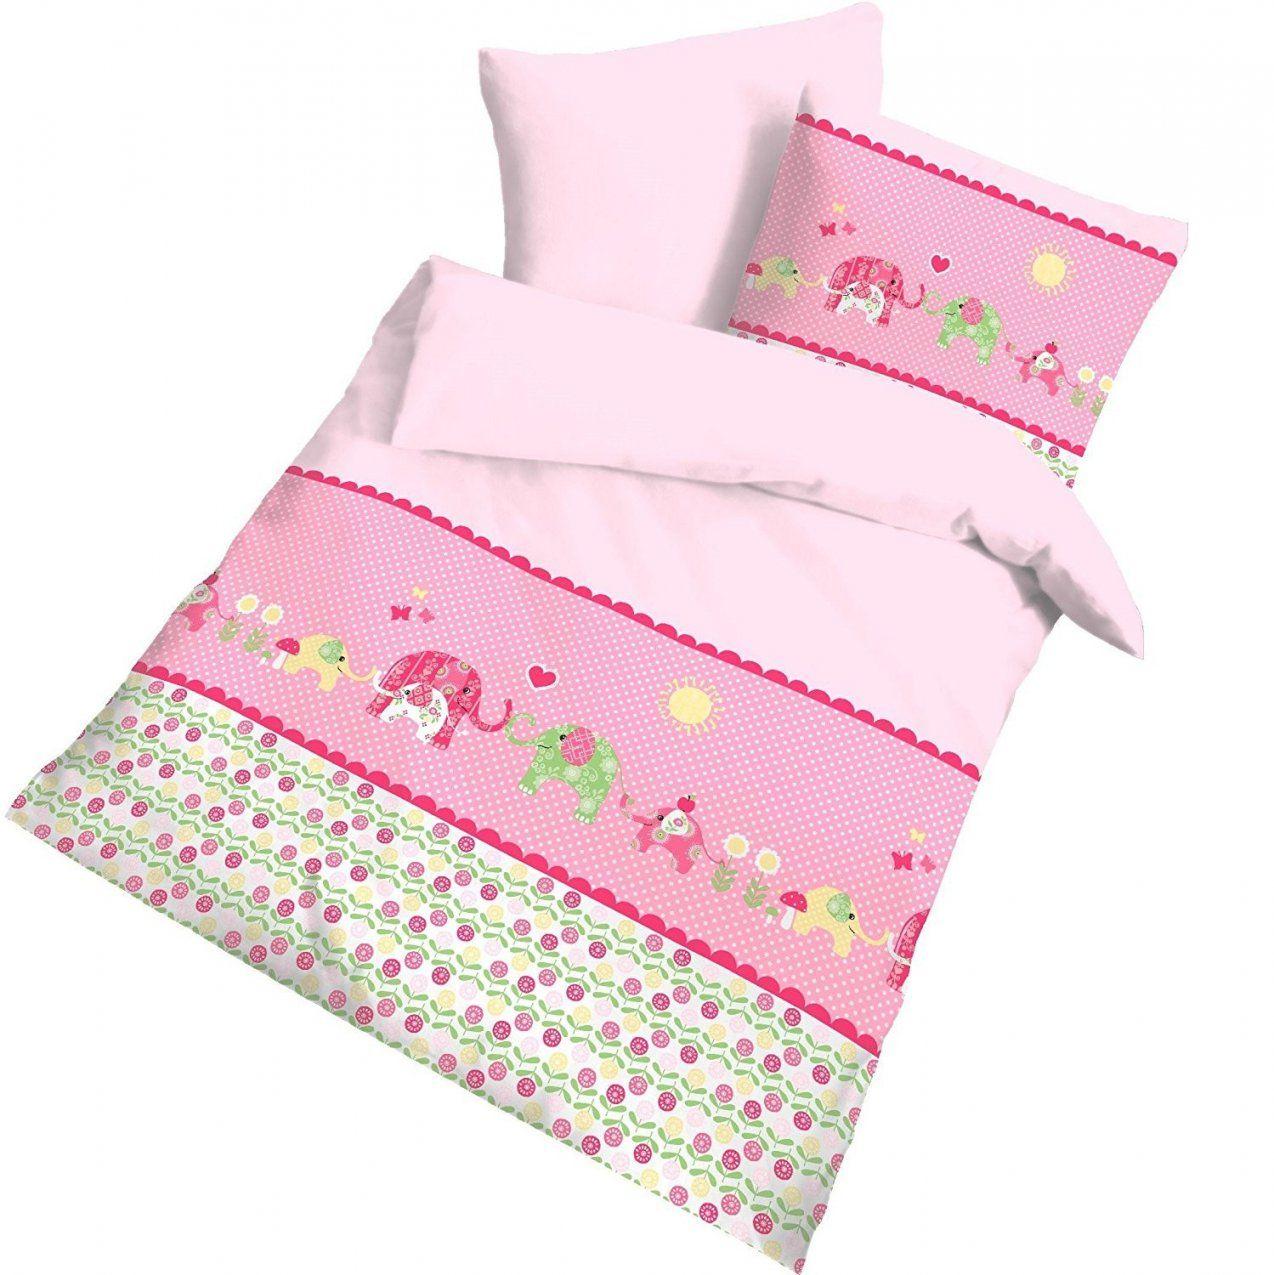 Bettwäsche 135x200 Mädchen Kinderbettwäsche Pferde Biber 135x200